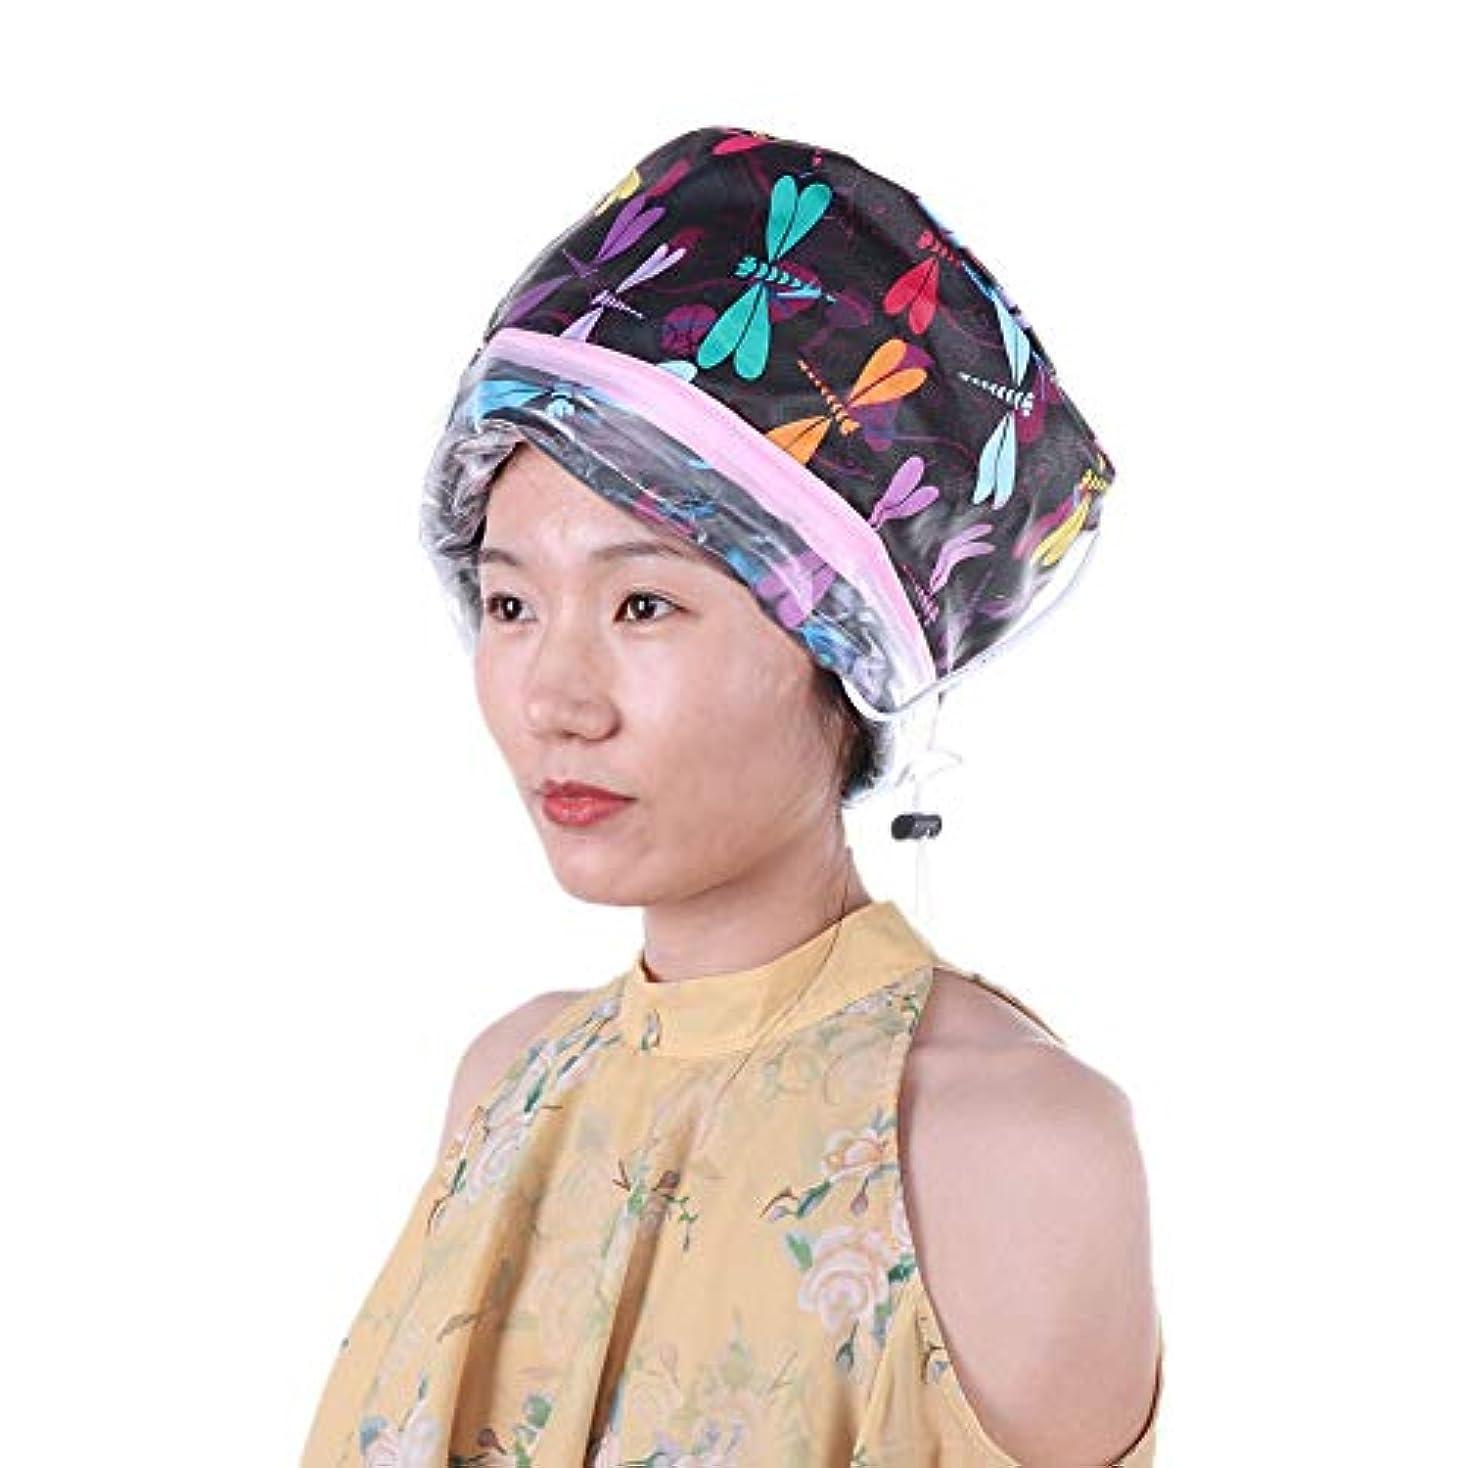 憲法ステレオプリーツ電気ヒーターキャップ、SPAヘアオイルトリートメントおよびファミリーパーソナルケア用の温度調節可能なディープコンディショニングヘアスチーマー、髪の毛先の改善および髪の損傷の修復(1)